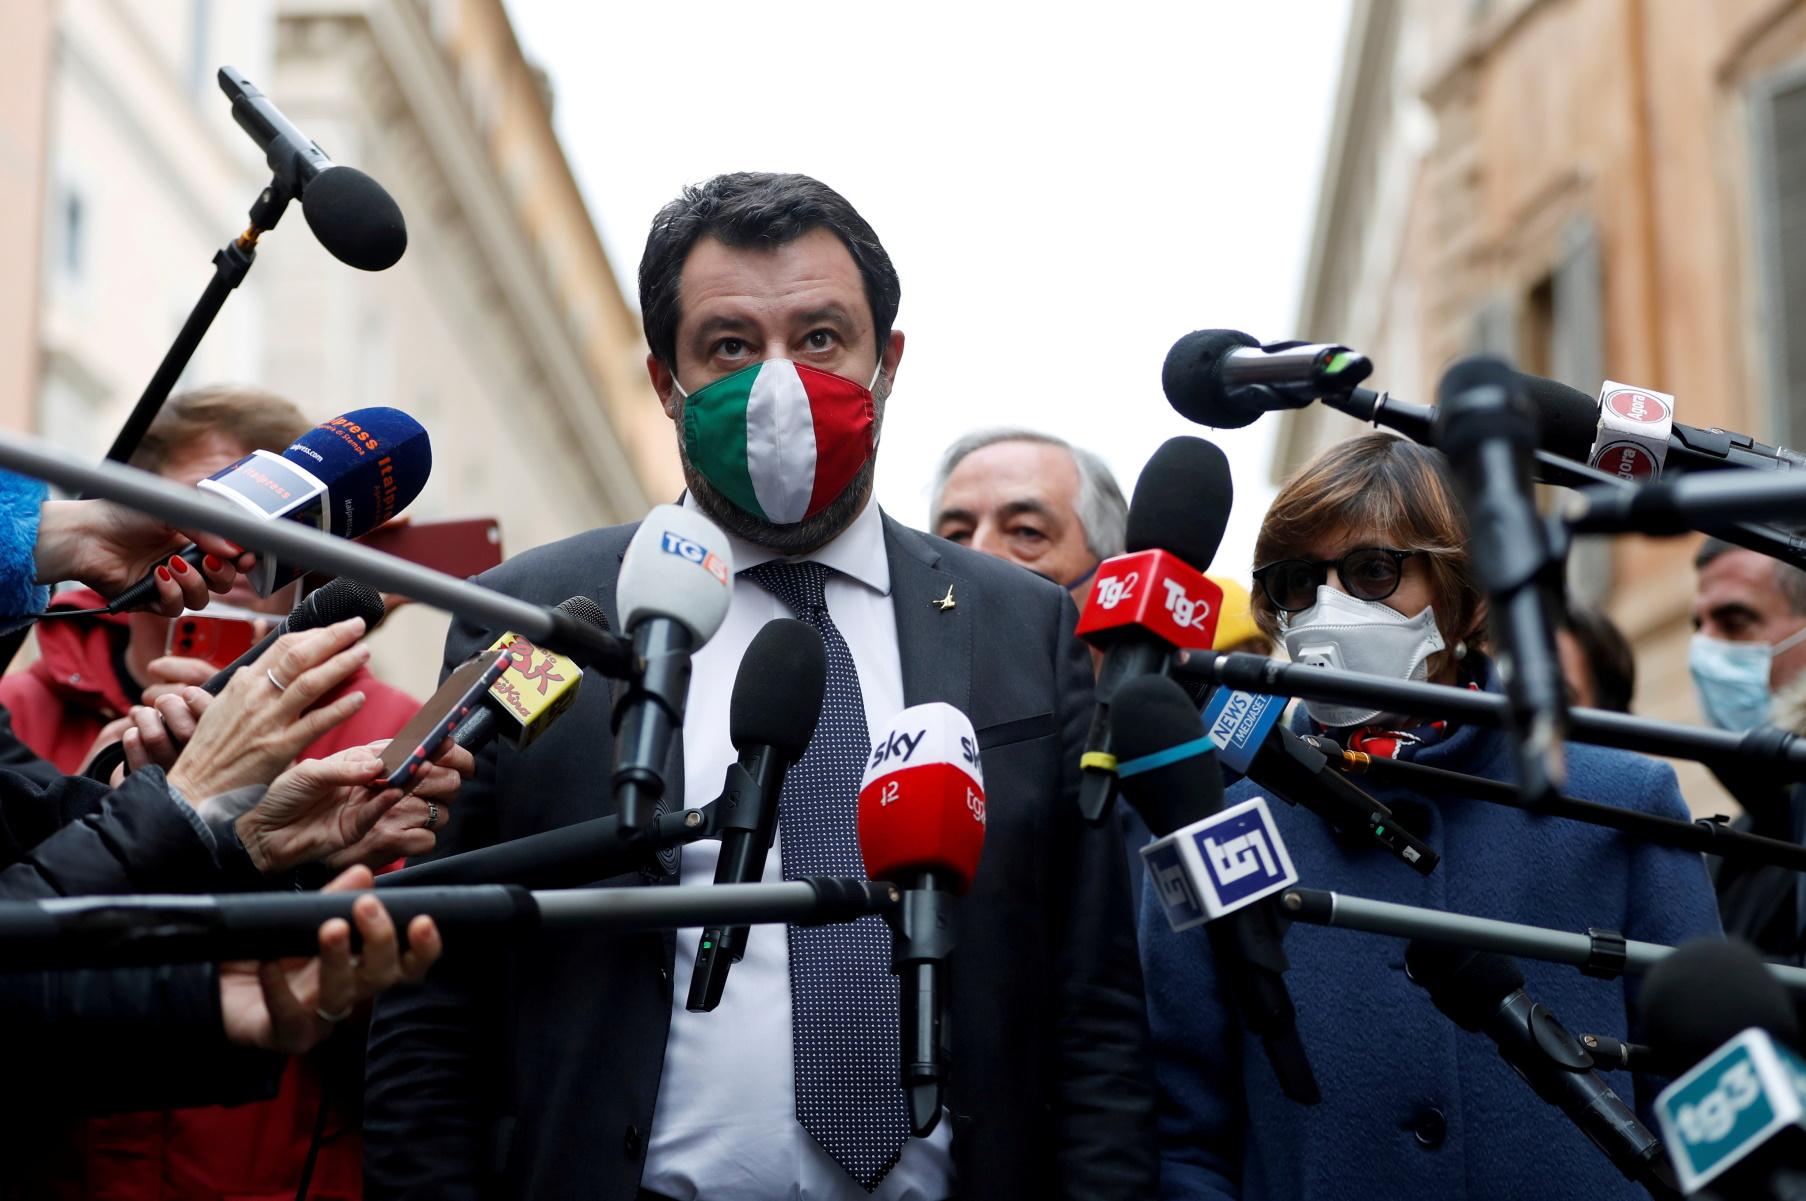 Σοκ για Ματέο Σαλβίνι – Κινδυνεύει με 15 χρόνια φυλακή